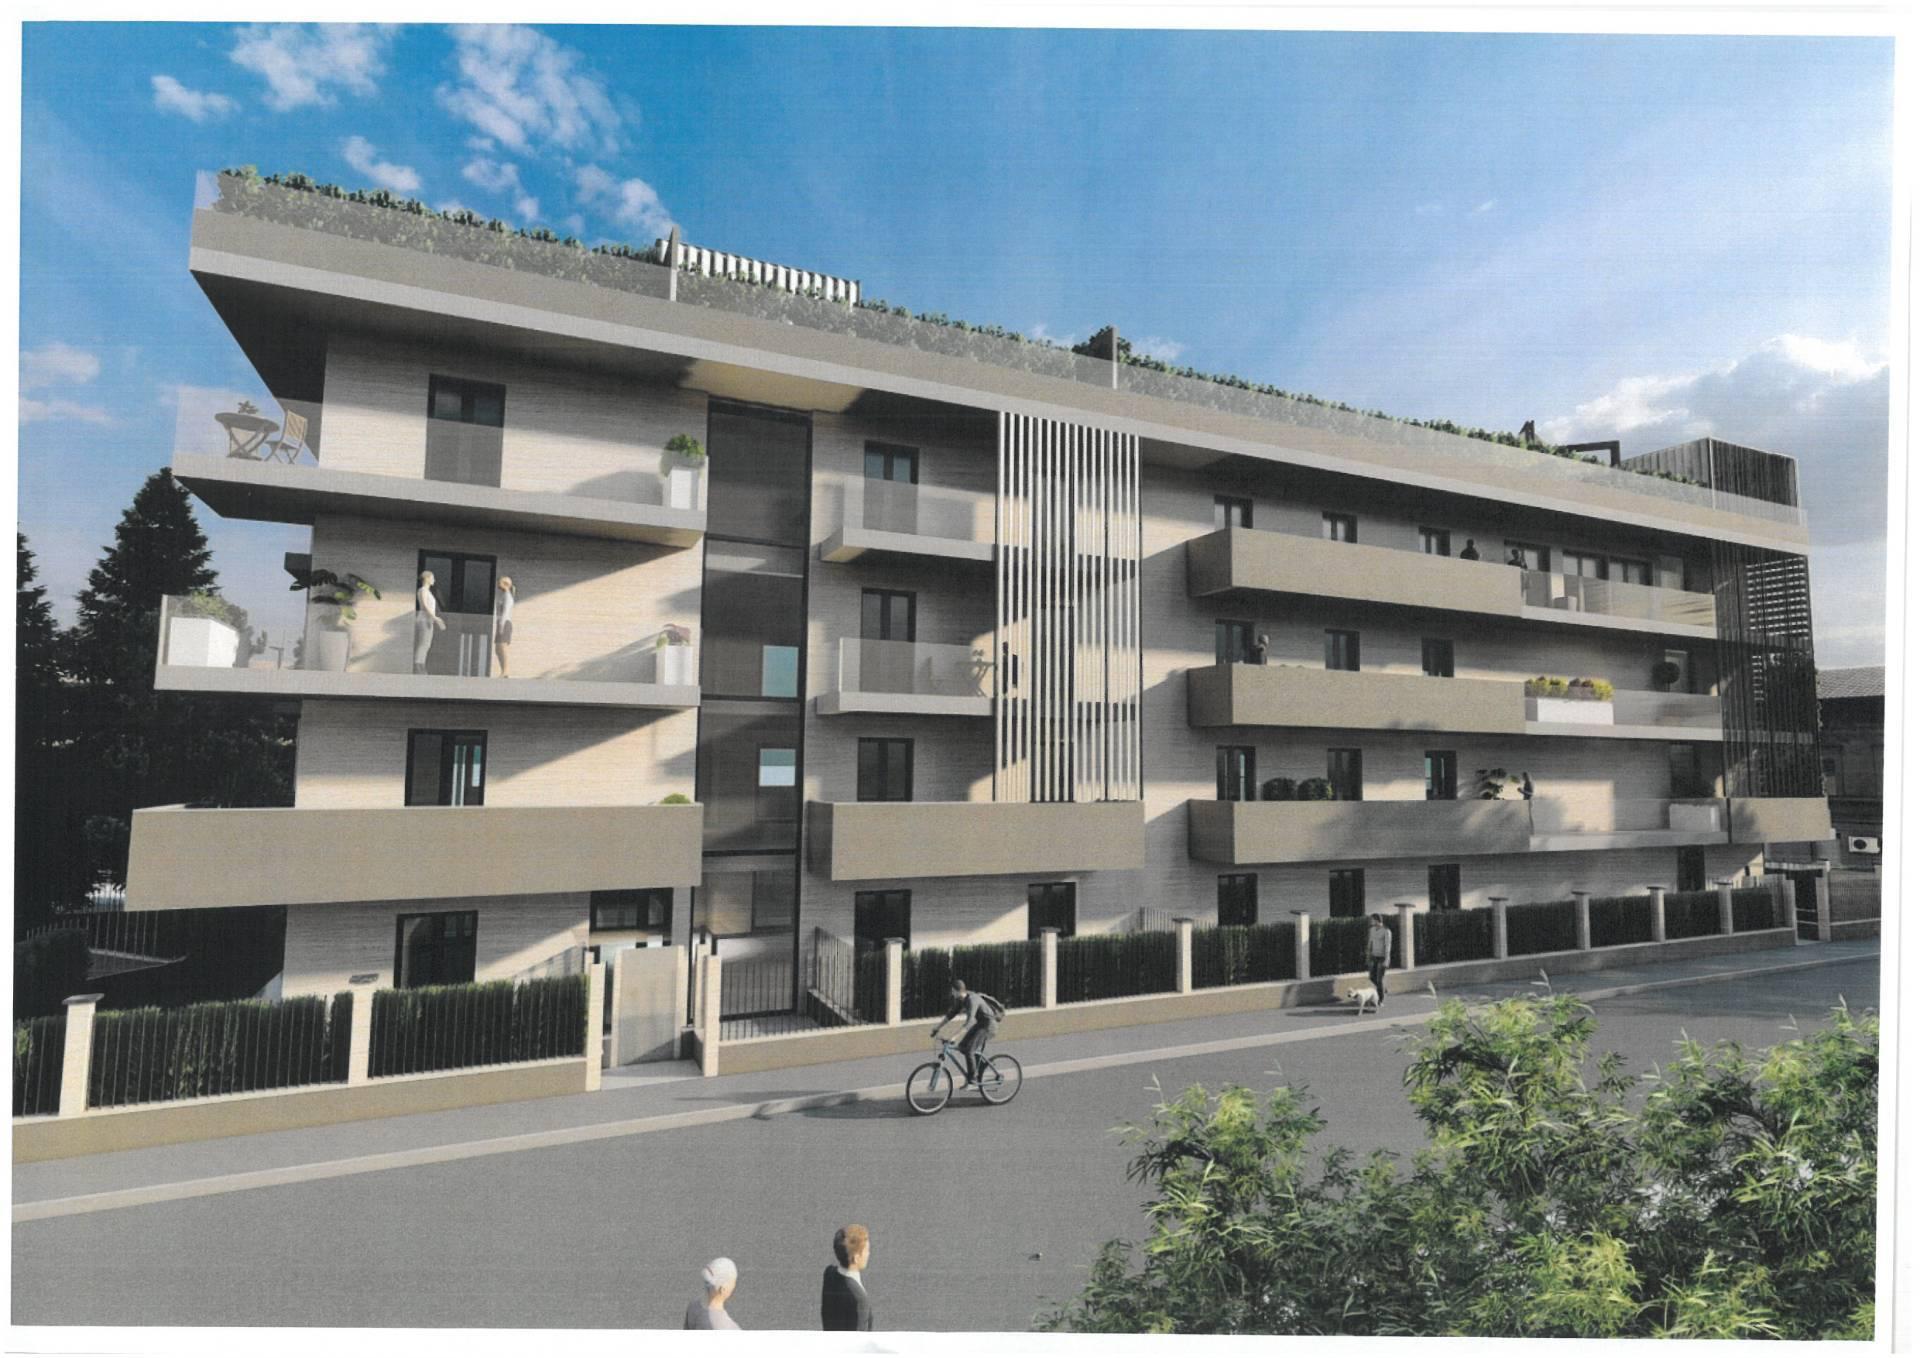 Appartamento in vendita a Grugliasco, 5 locali, zona Località: Centrale, prezzo € 360.000 | CambioCasa.it